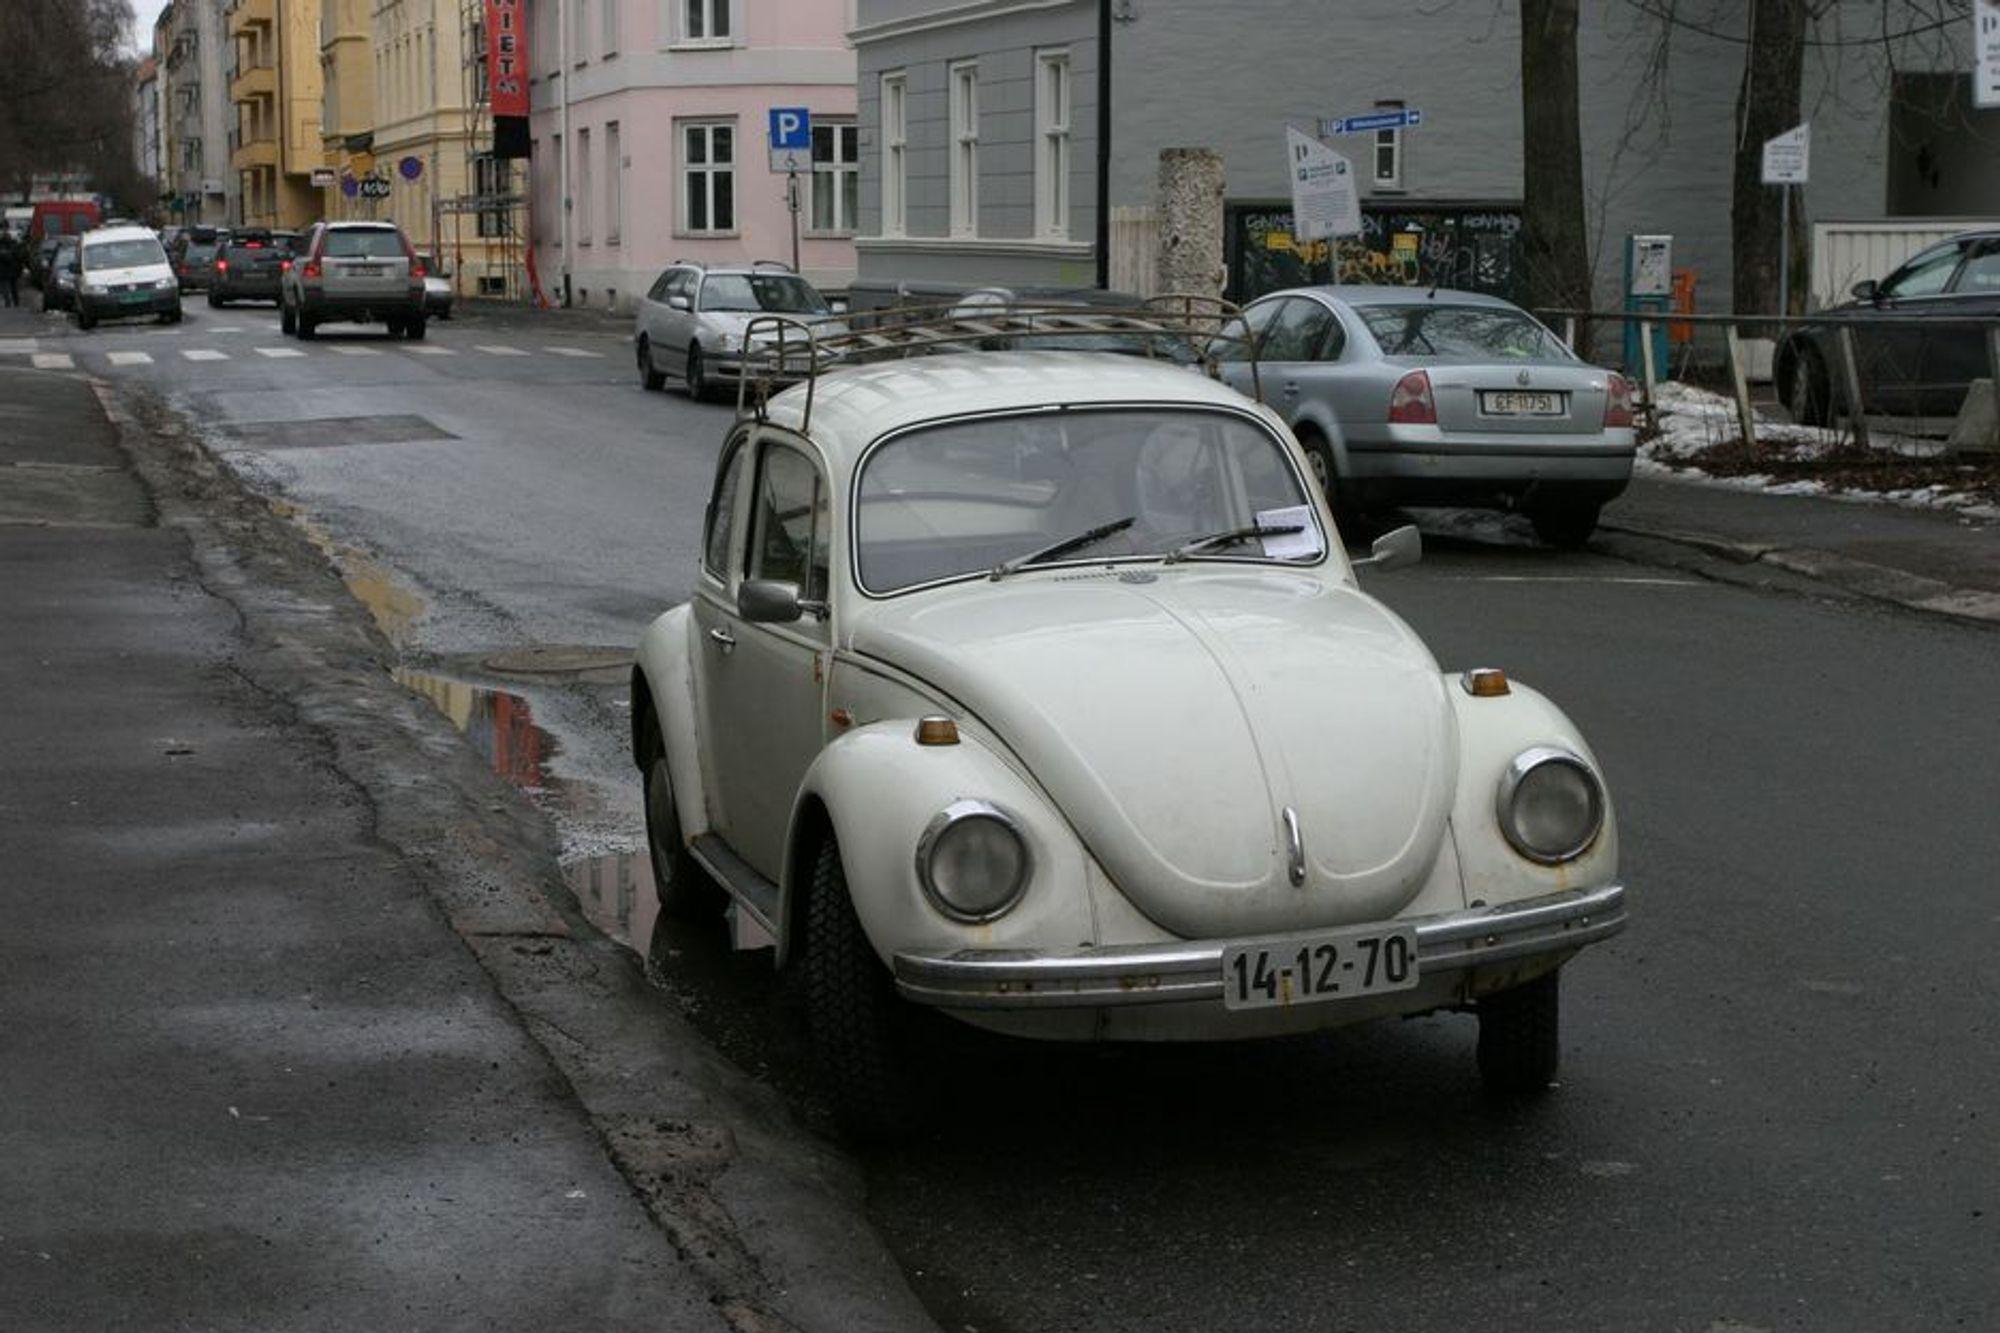 GAMMEL OG FARLIG: Seniorforsker Dagfinn Moe ved Sintef mener myndighetene må gjøre noe med avgiftssystemet på nye biler - for å få vekk de gamle bilene fra trafikken.